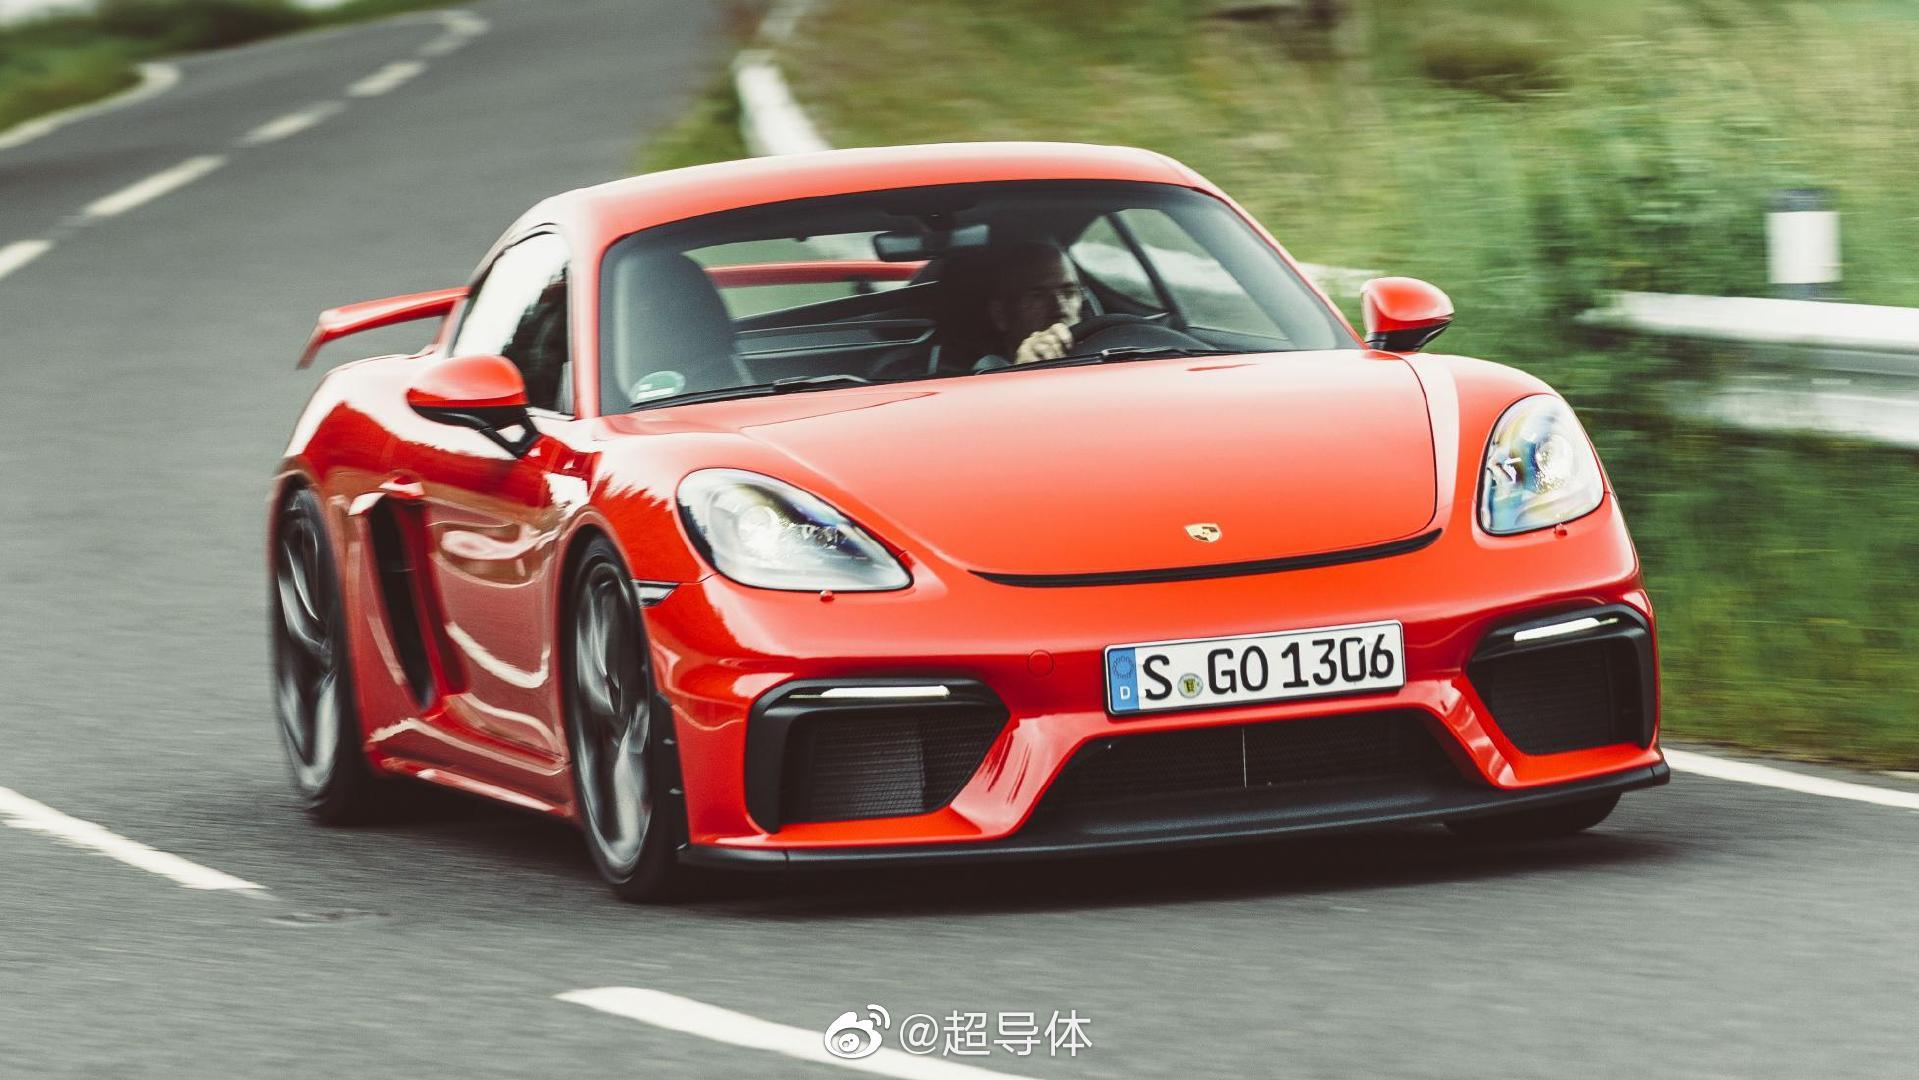 比大多数911更吸引我的 Porsche 718 Cayman GT4 真香 @Cars01